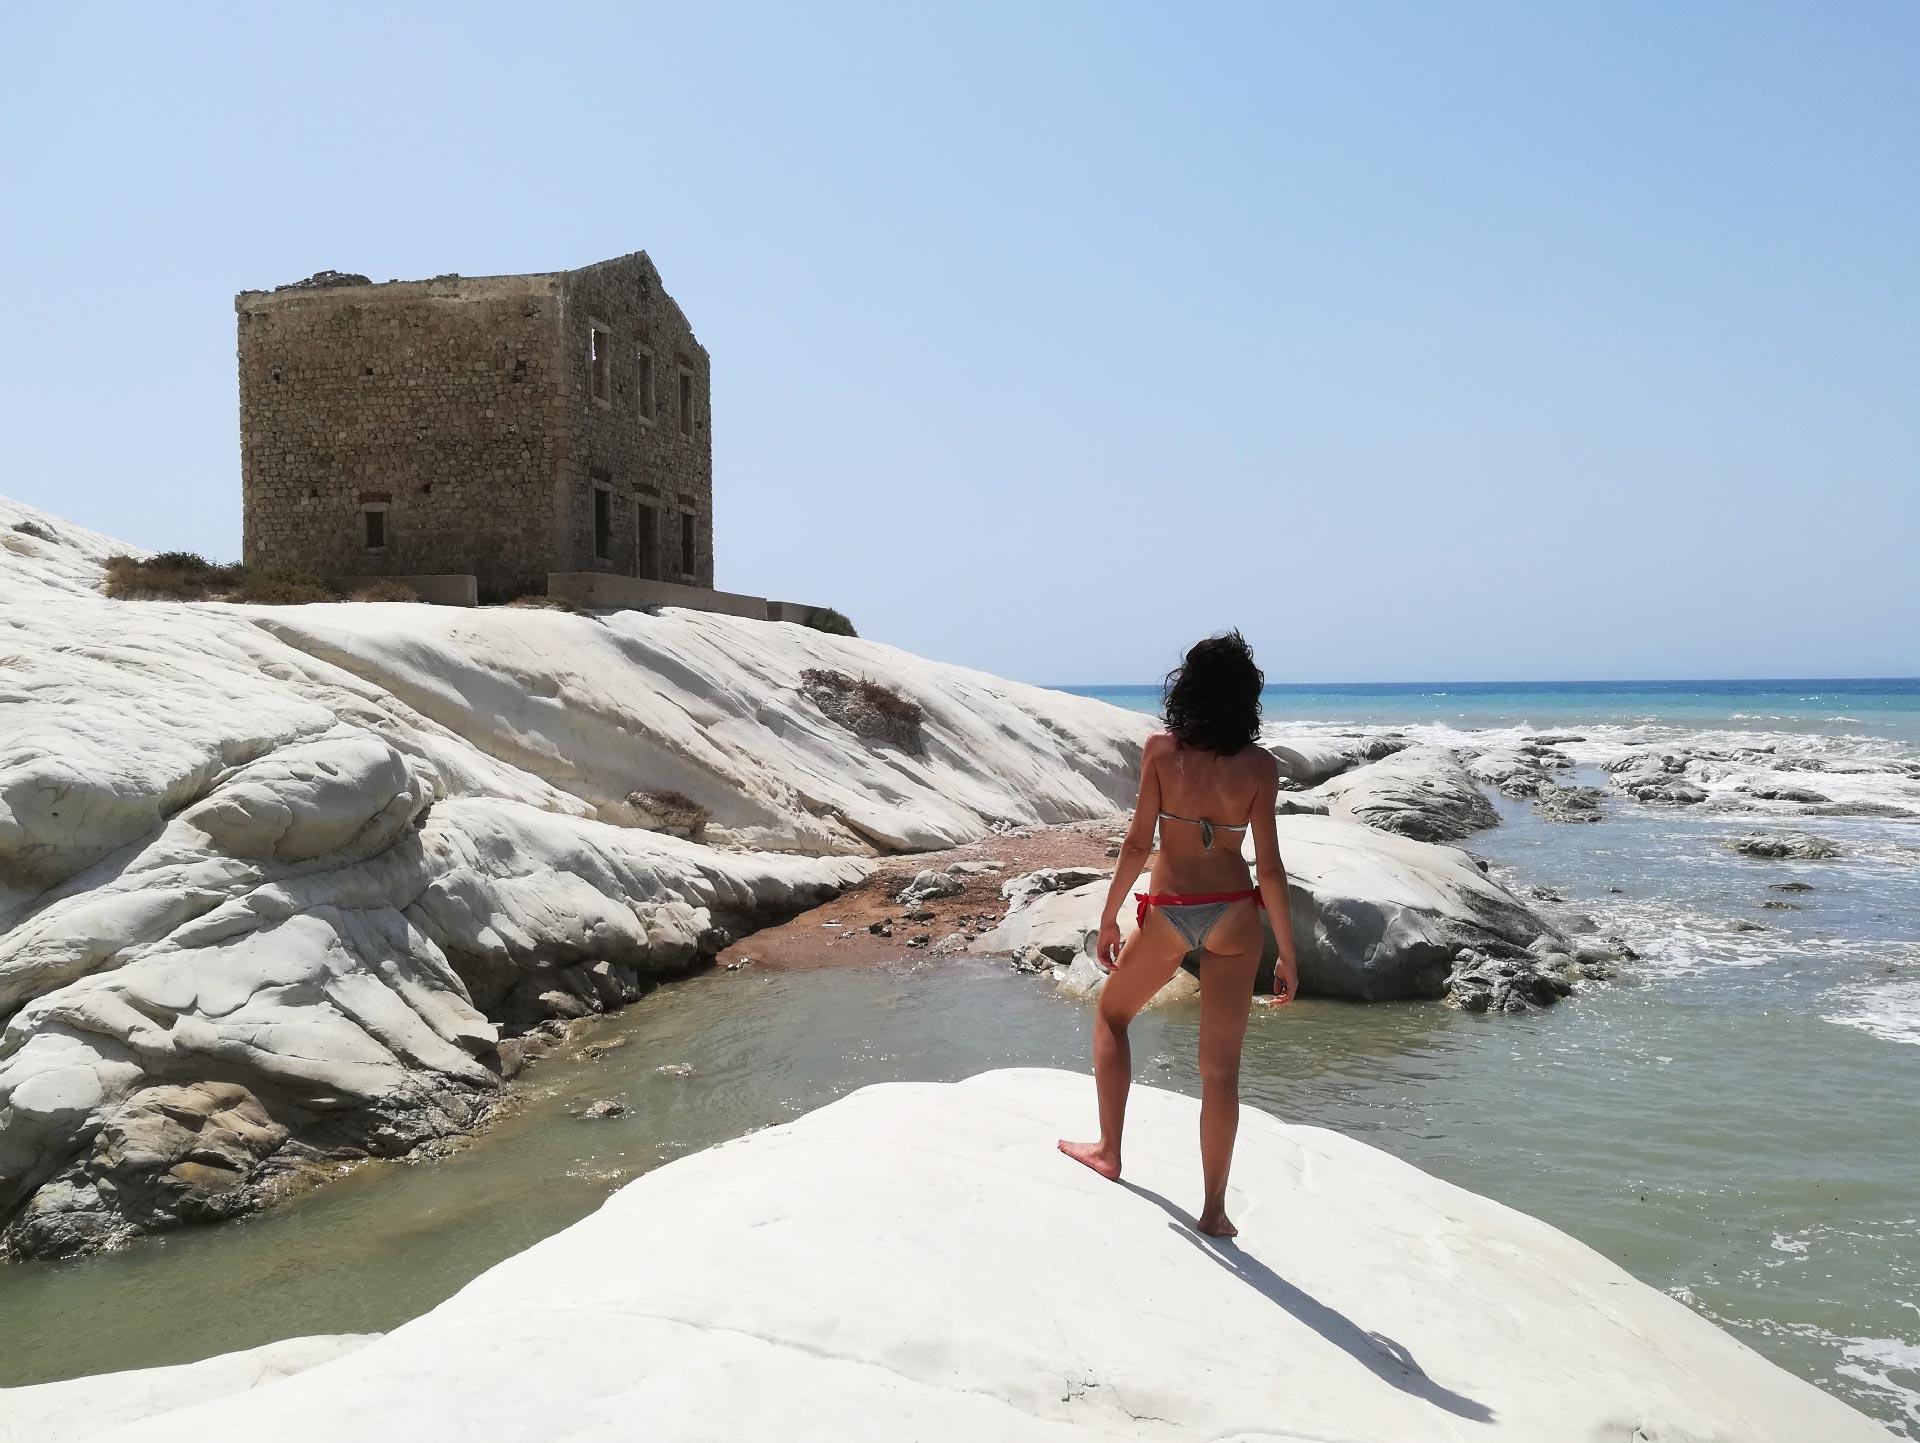 scorcio della spiaggia di Punta Bianca a Zingarello, sullo sfondo la casan dei Doganieri, Siracusa, Sicilia